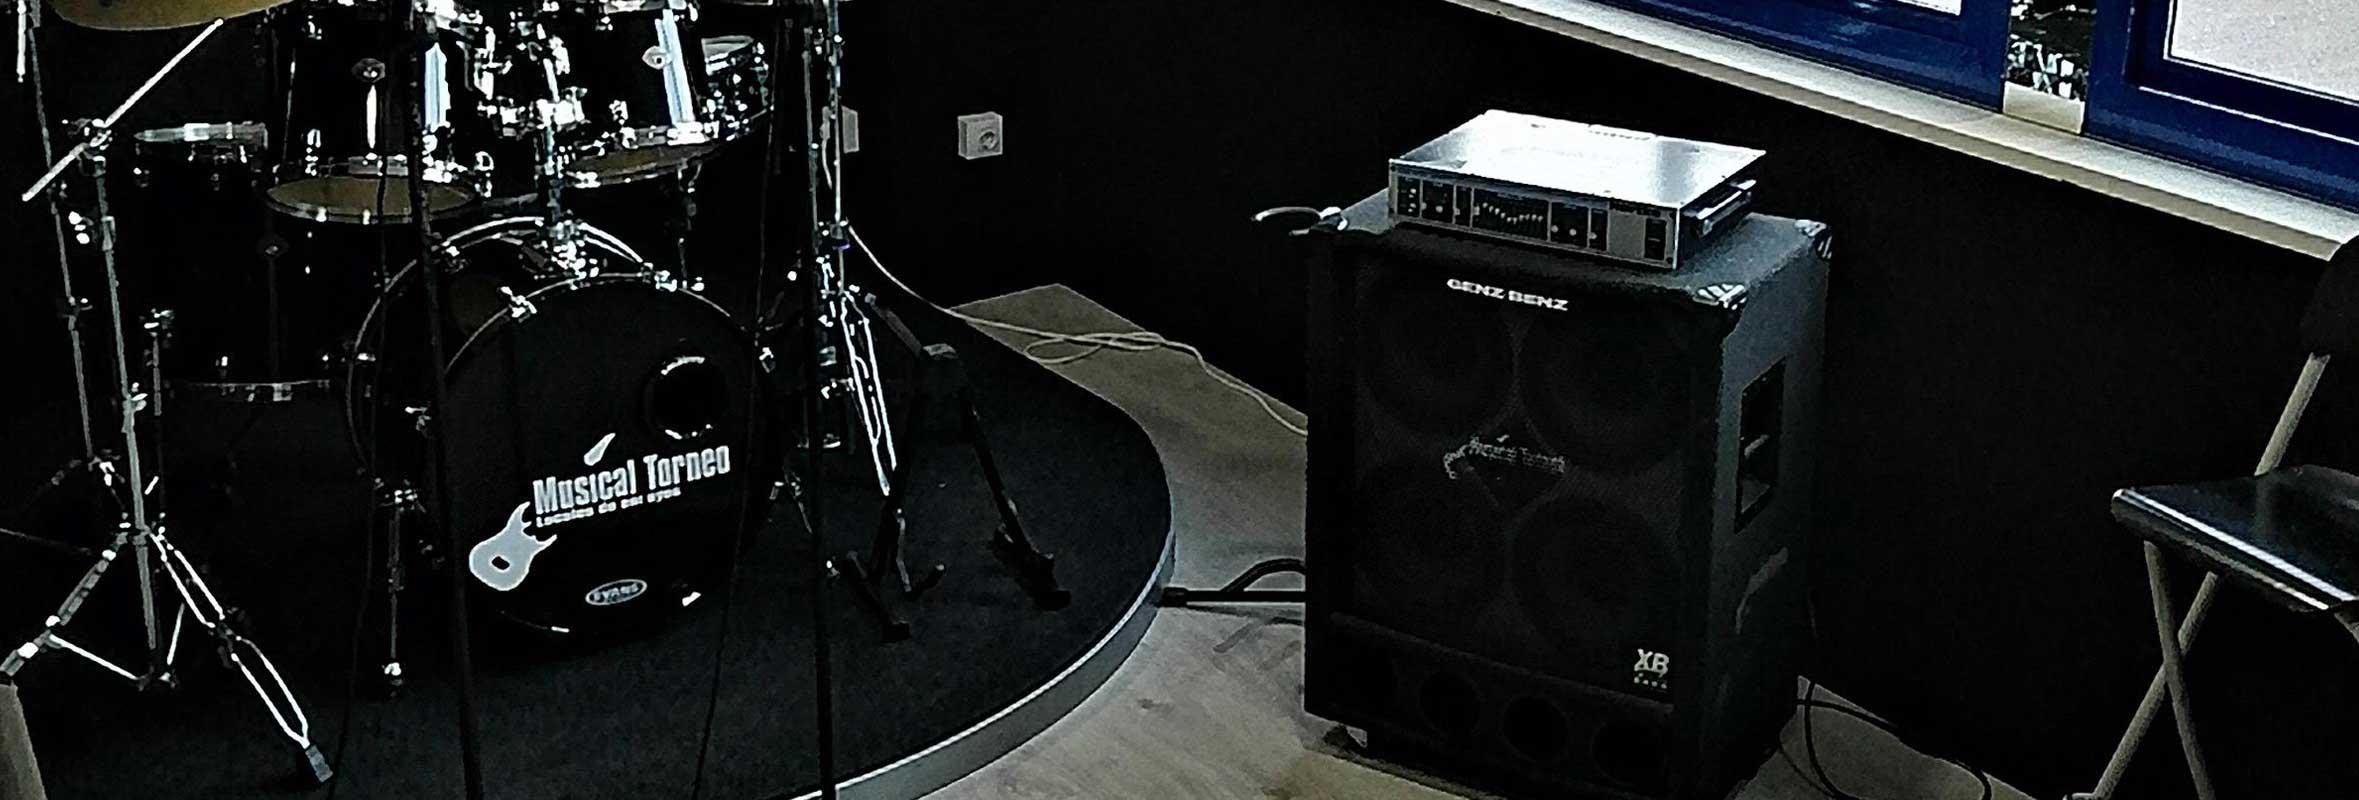 Sala 5 Deluxe - Musical Torneo